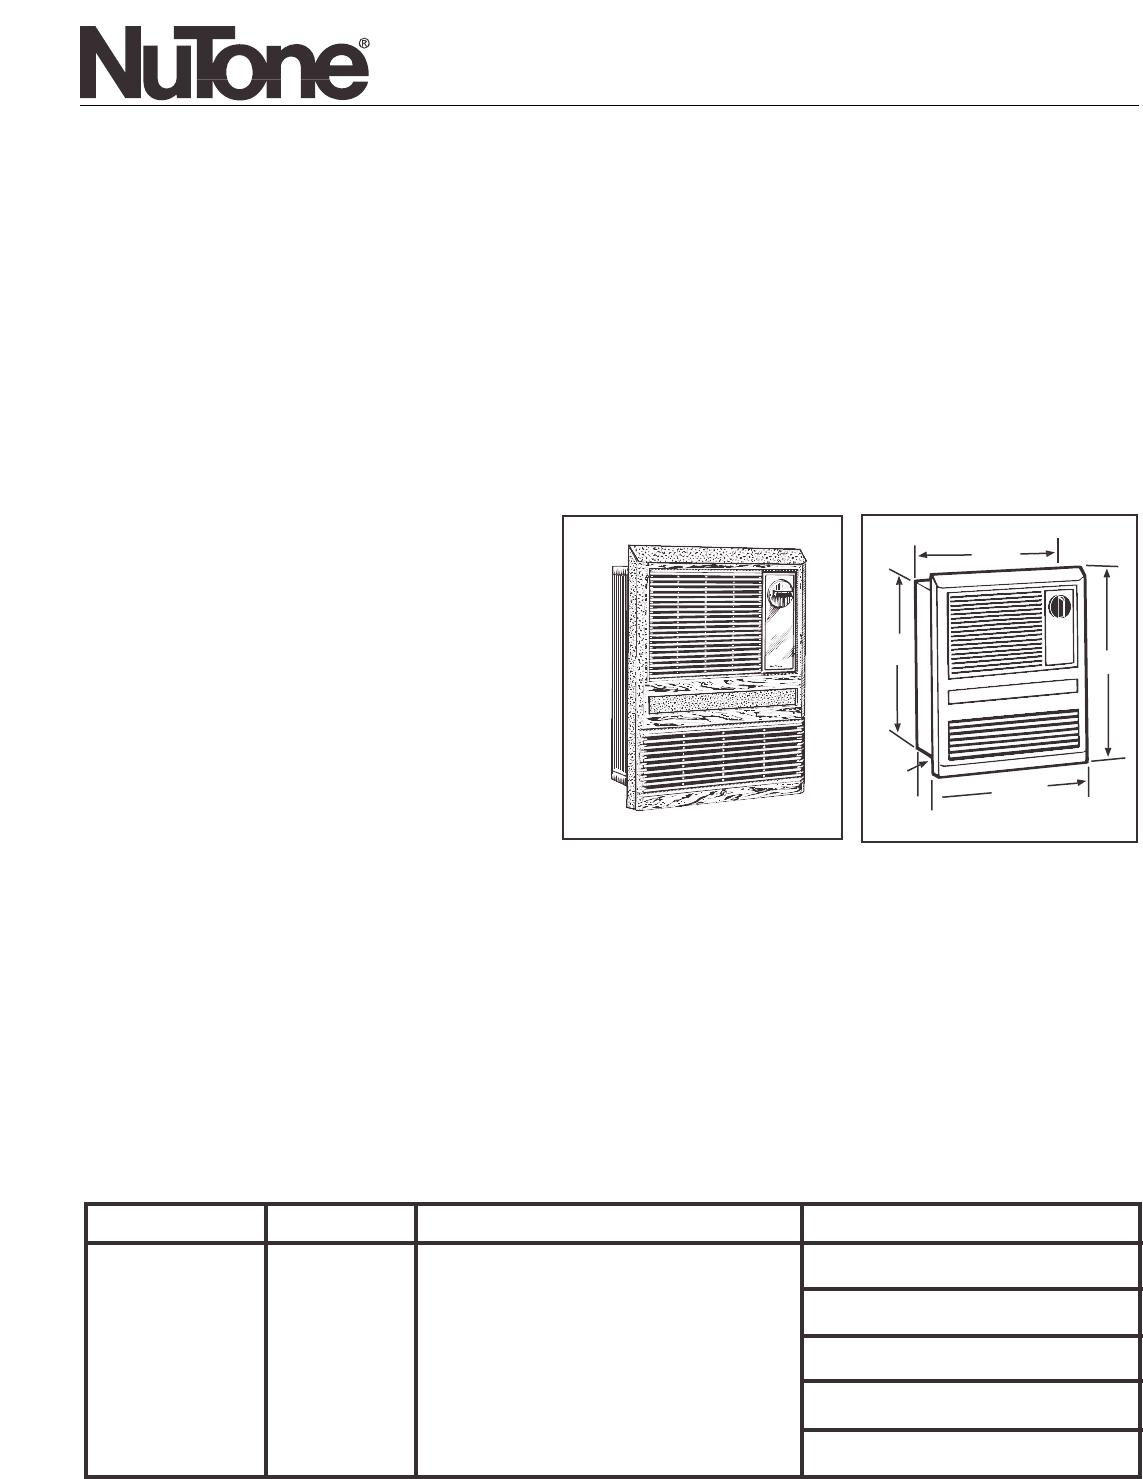 Nutone Wall Heater Wiring Diagram 1550 Schematics